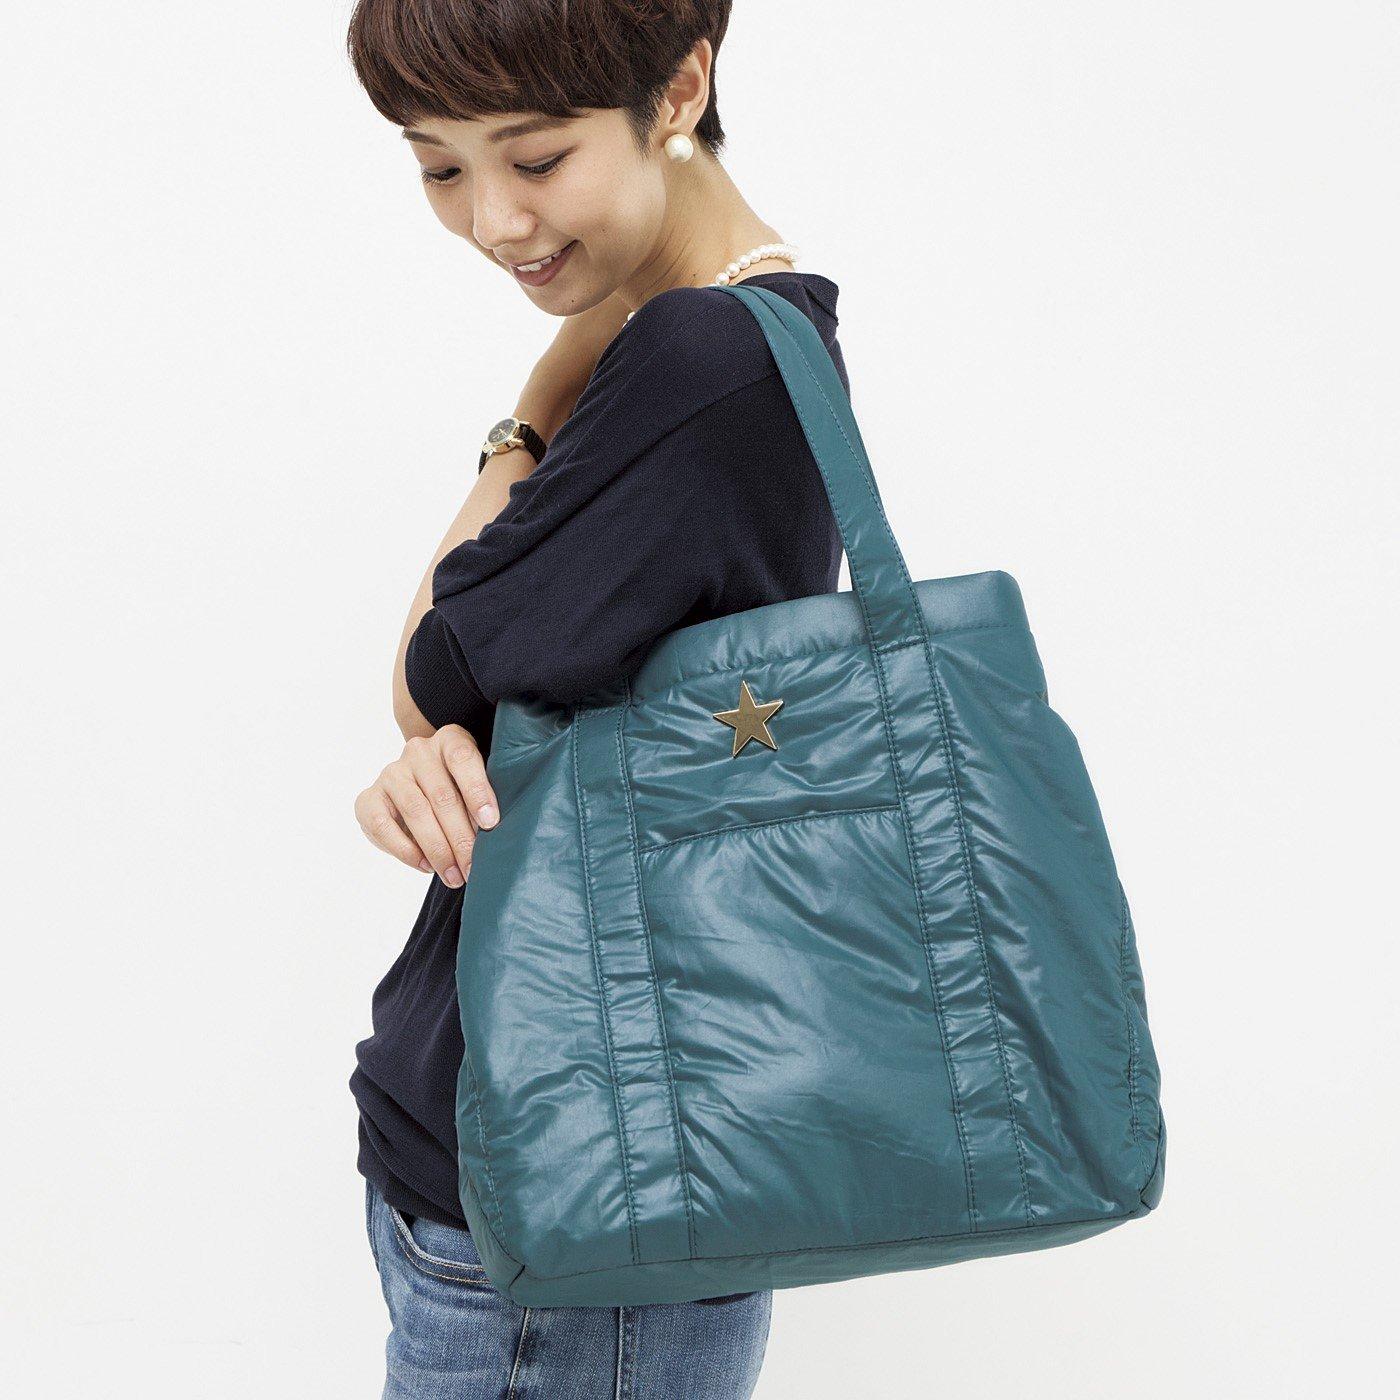 エトワールに恋する ふんわり軽量キルティングバッグ